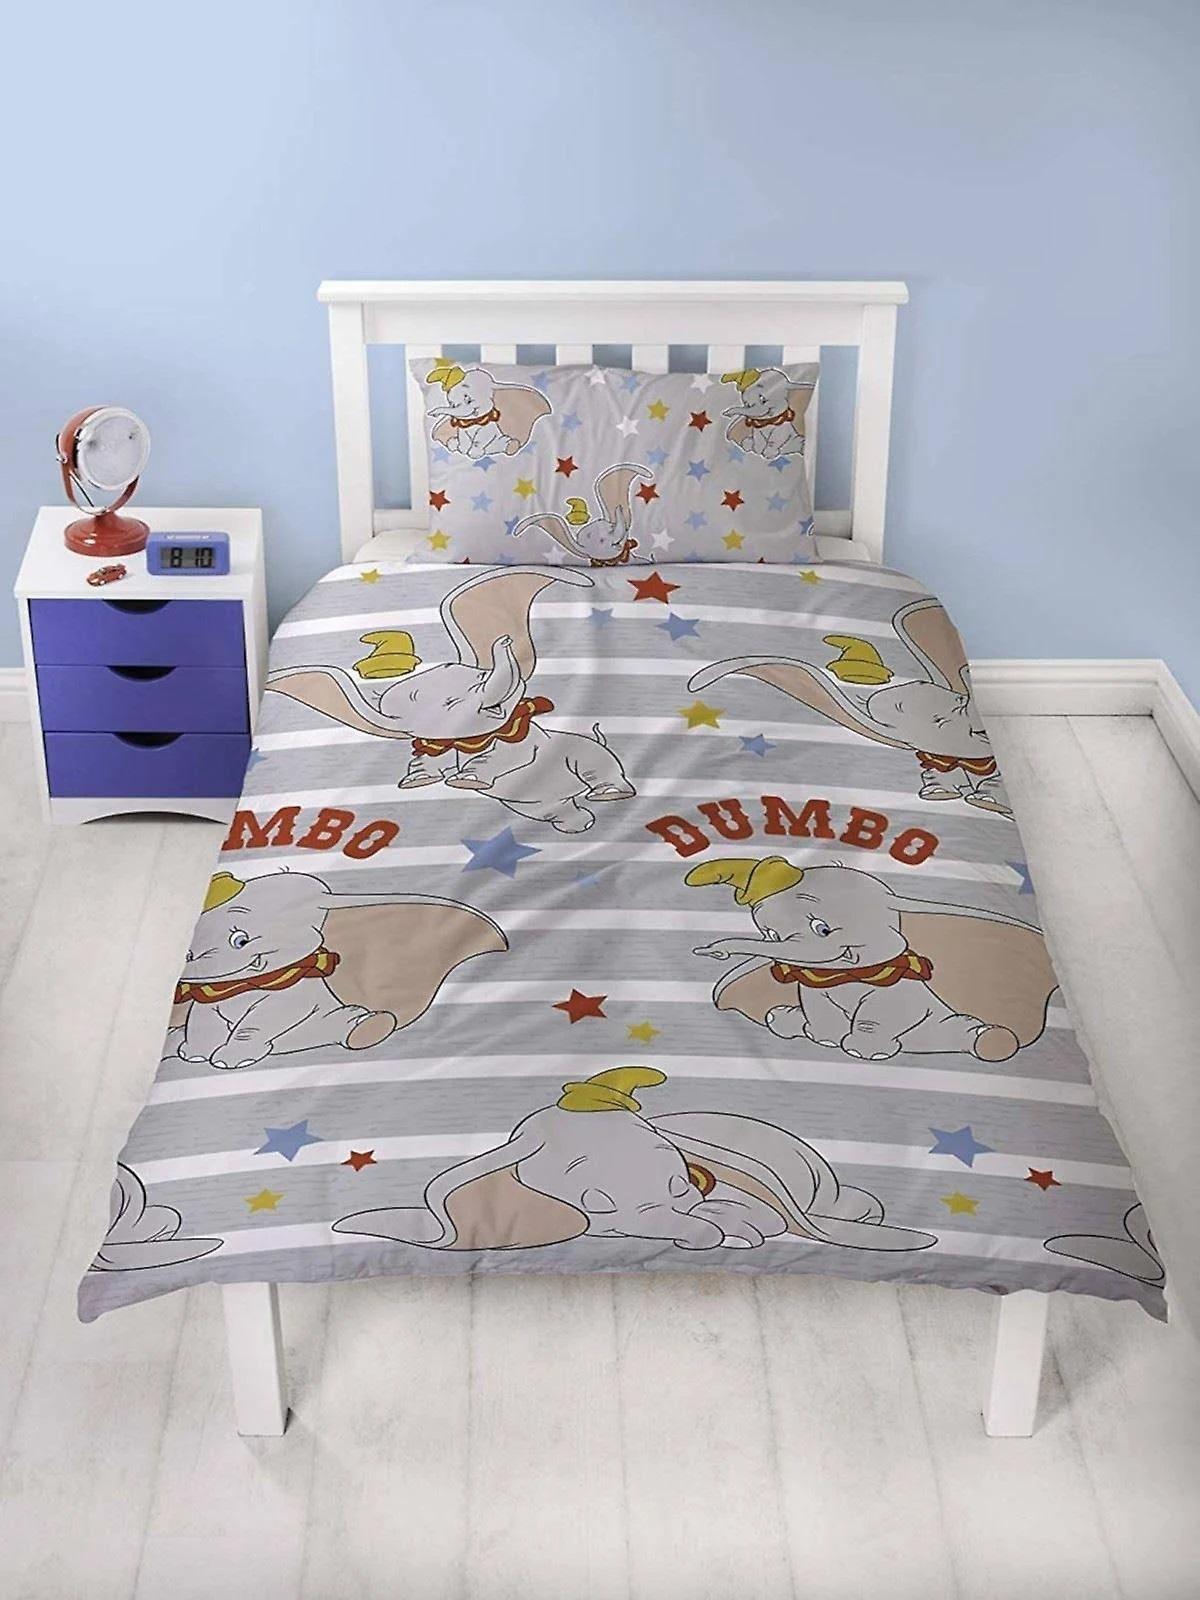 Dombo / Dumbo